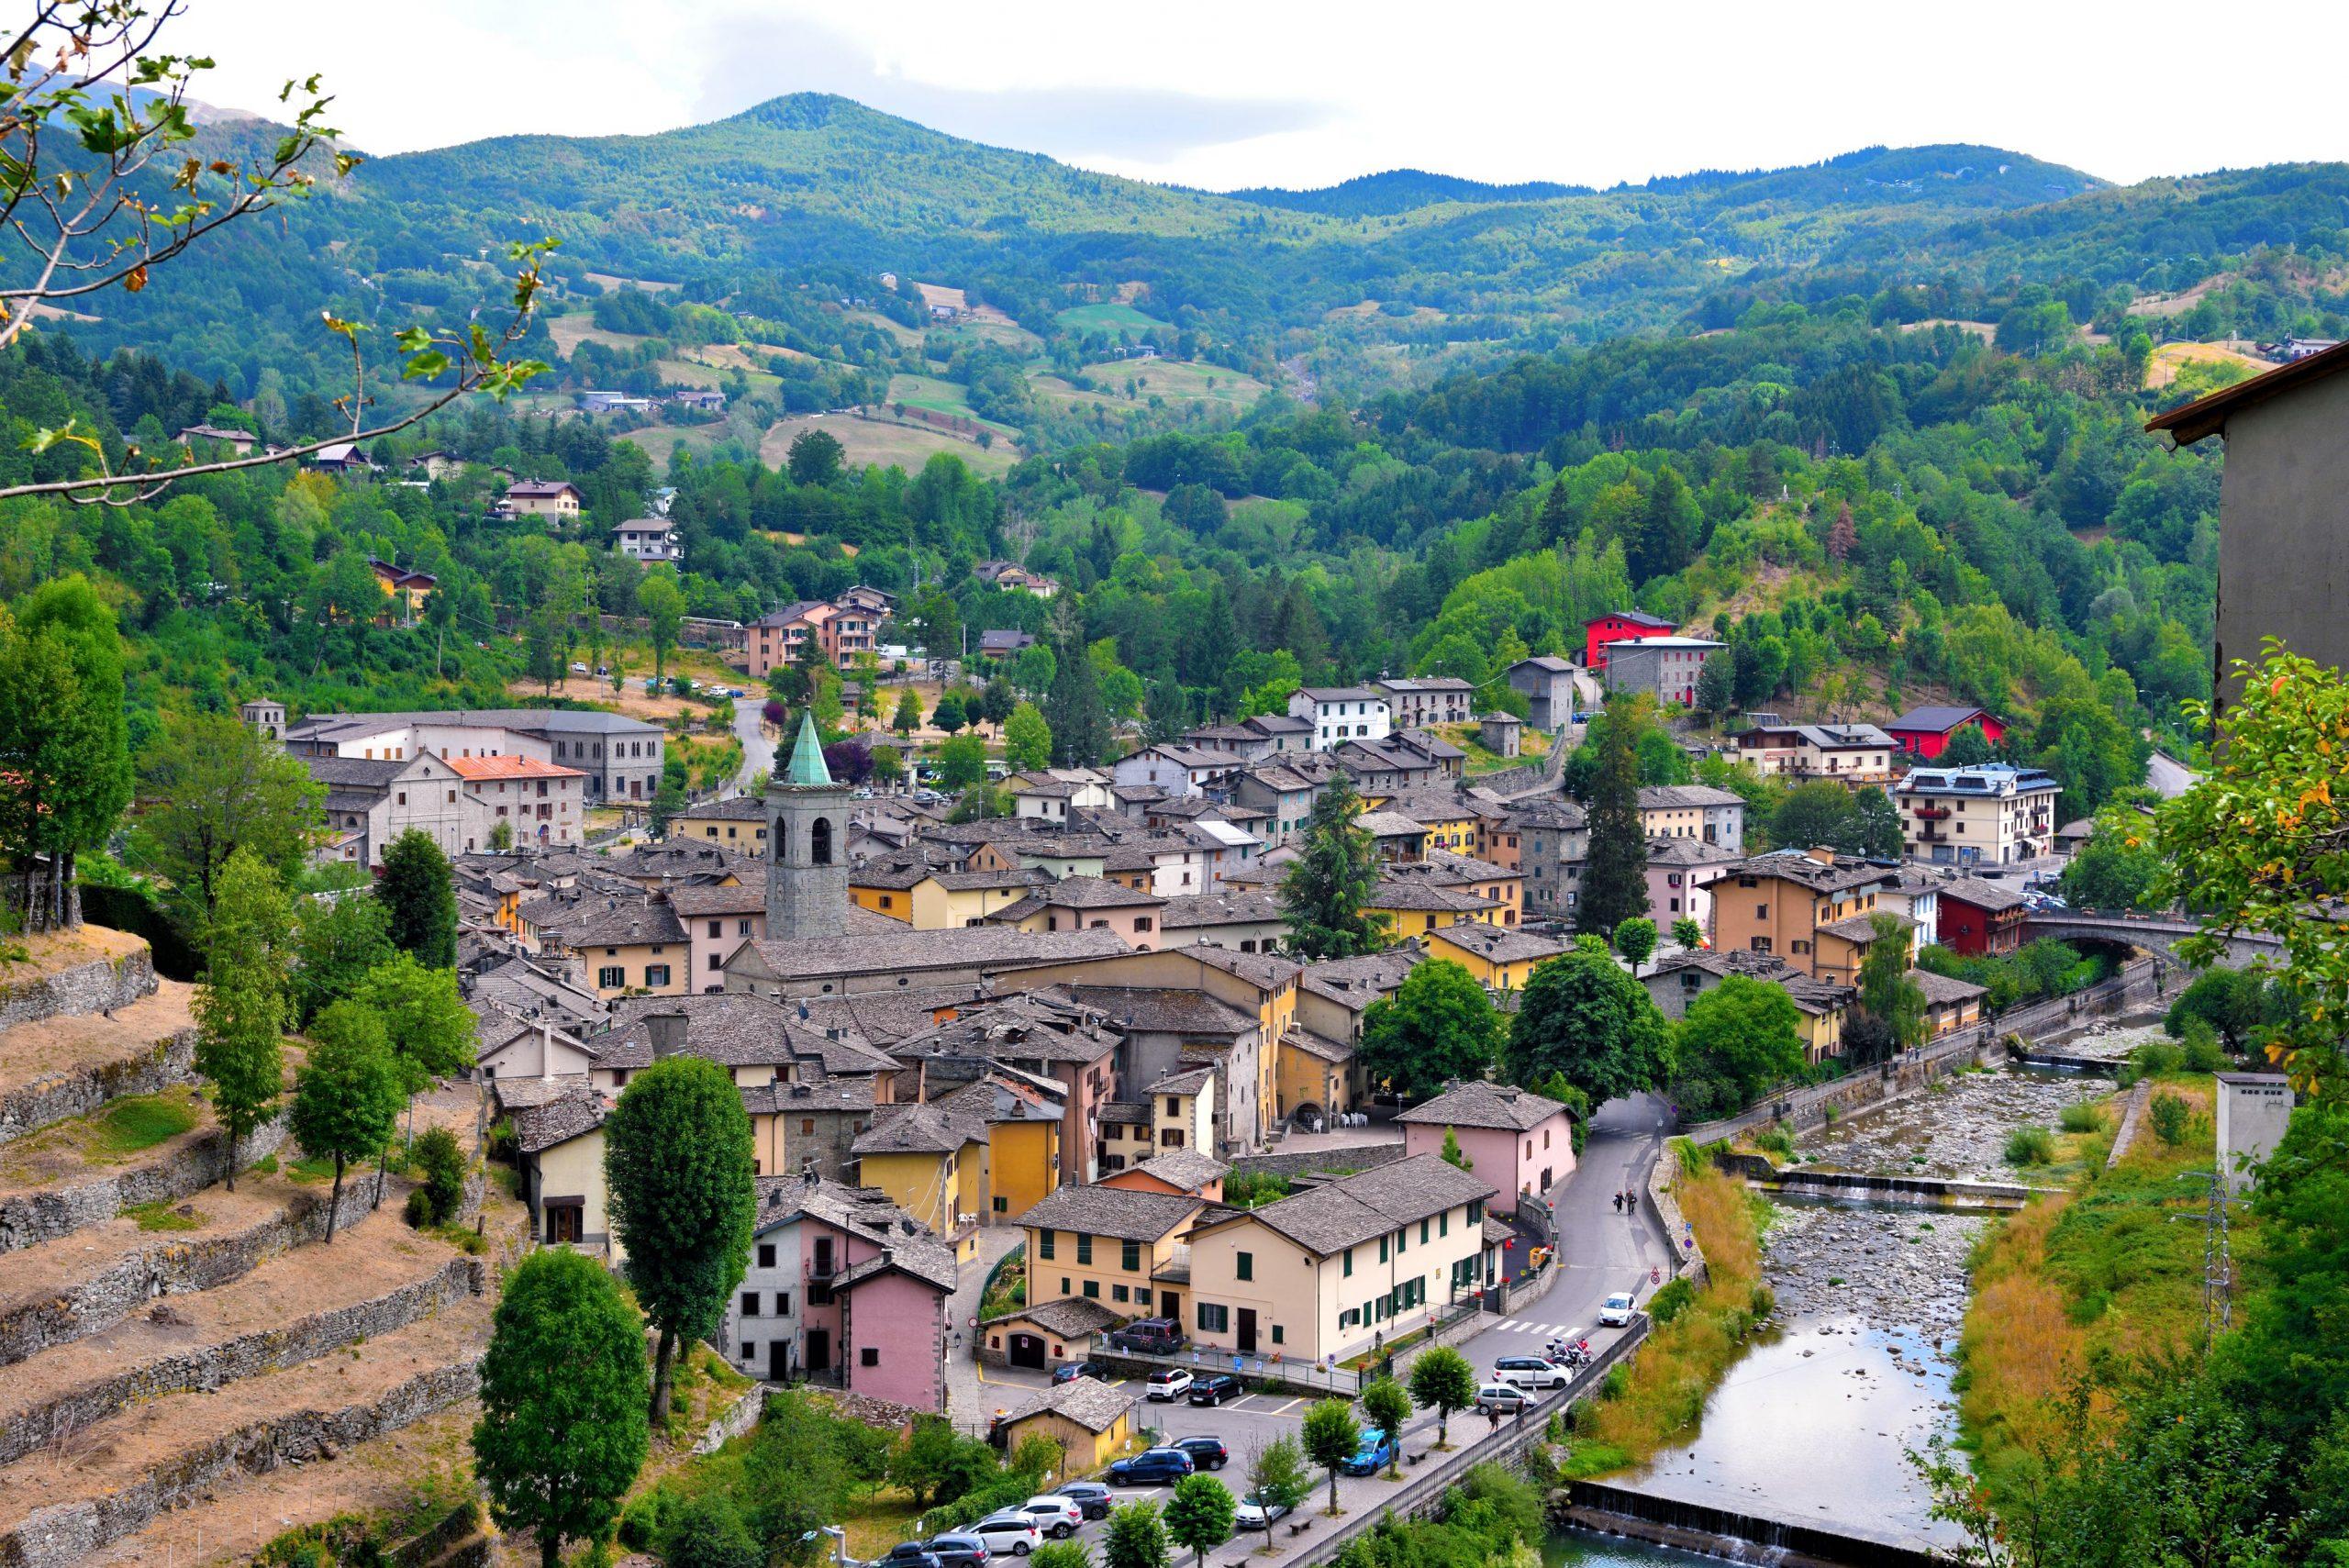 10 Objek Wisata Unik di Modena 2021